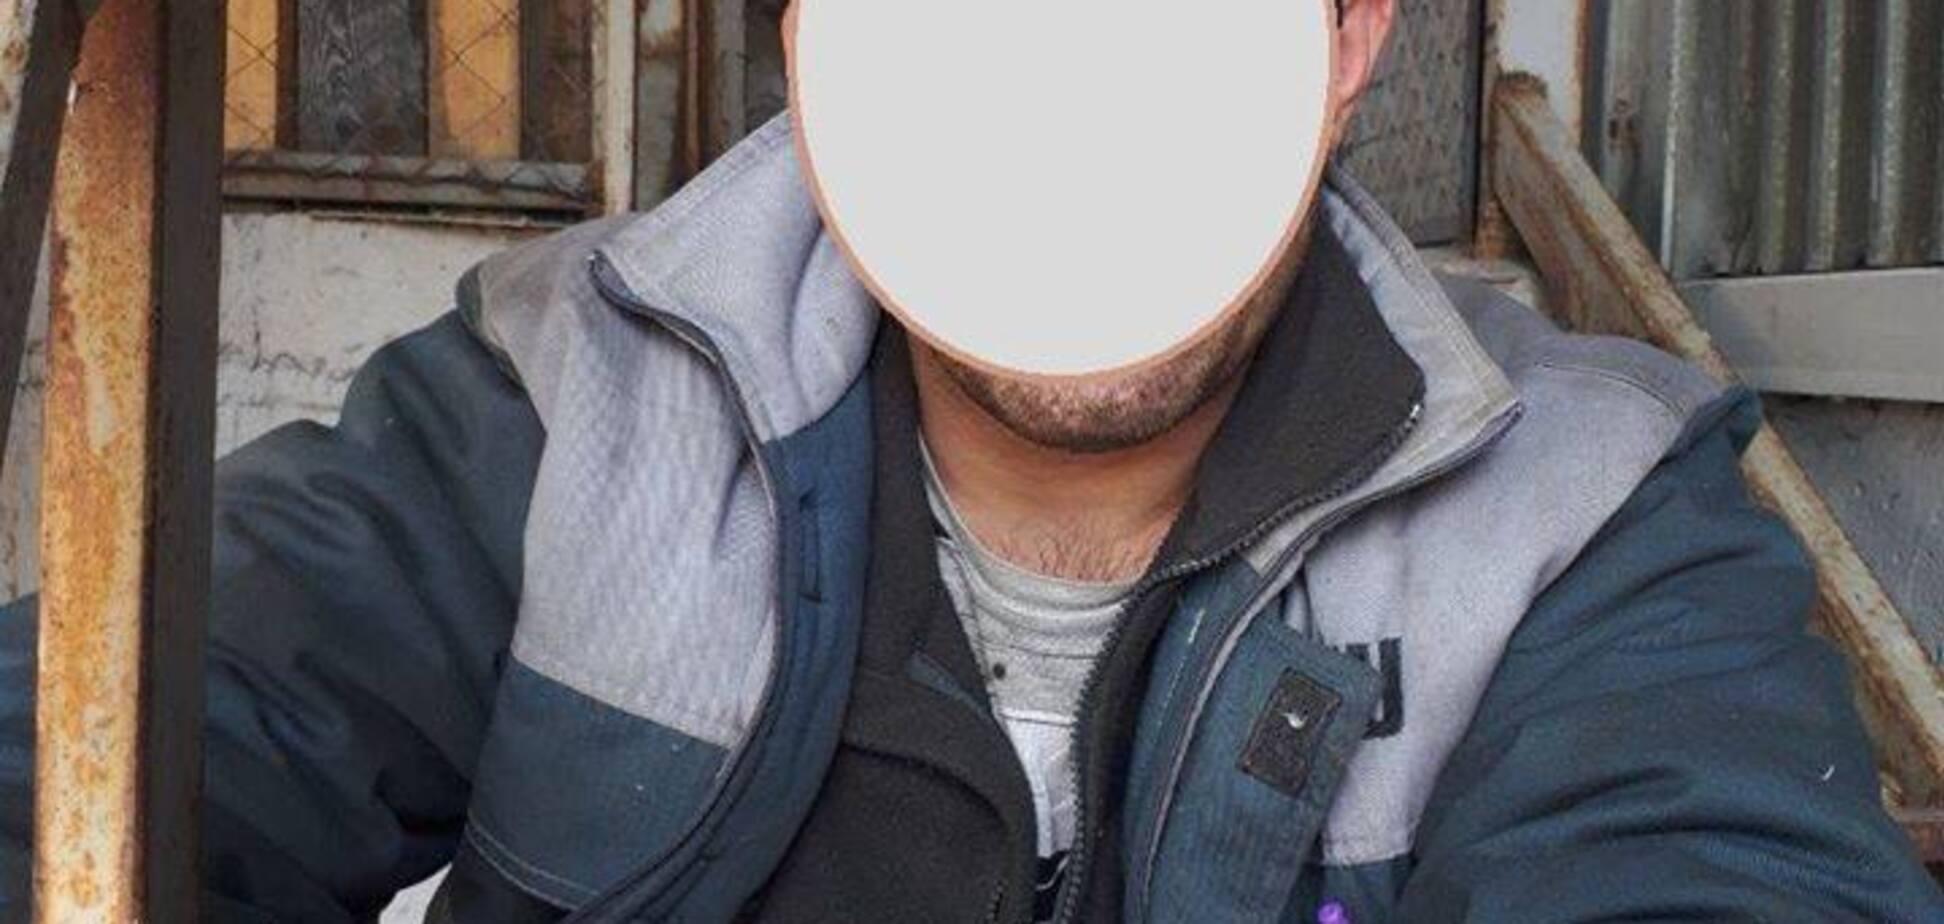 'Може, він втомився': мережу розсмішив конфуз зі злочинцем під Києвом